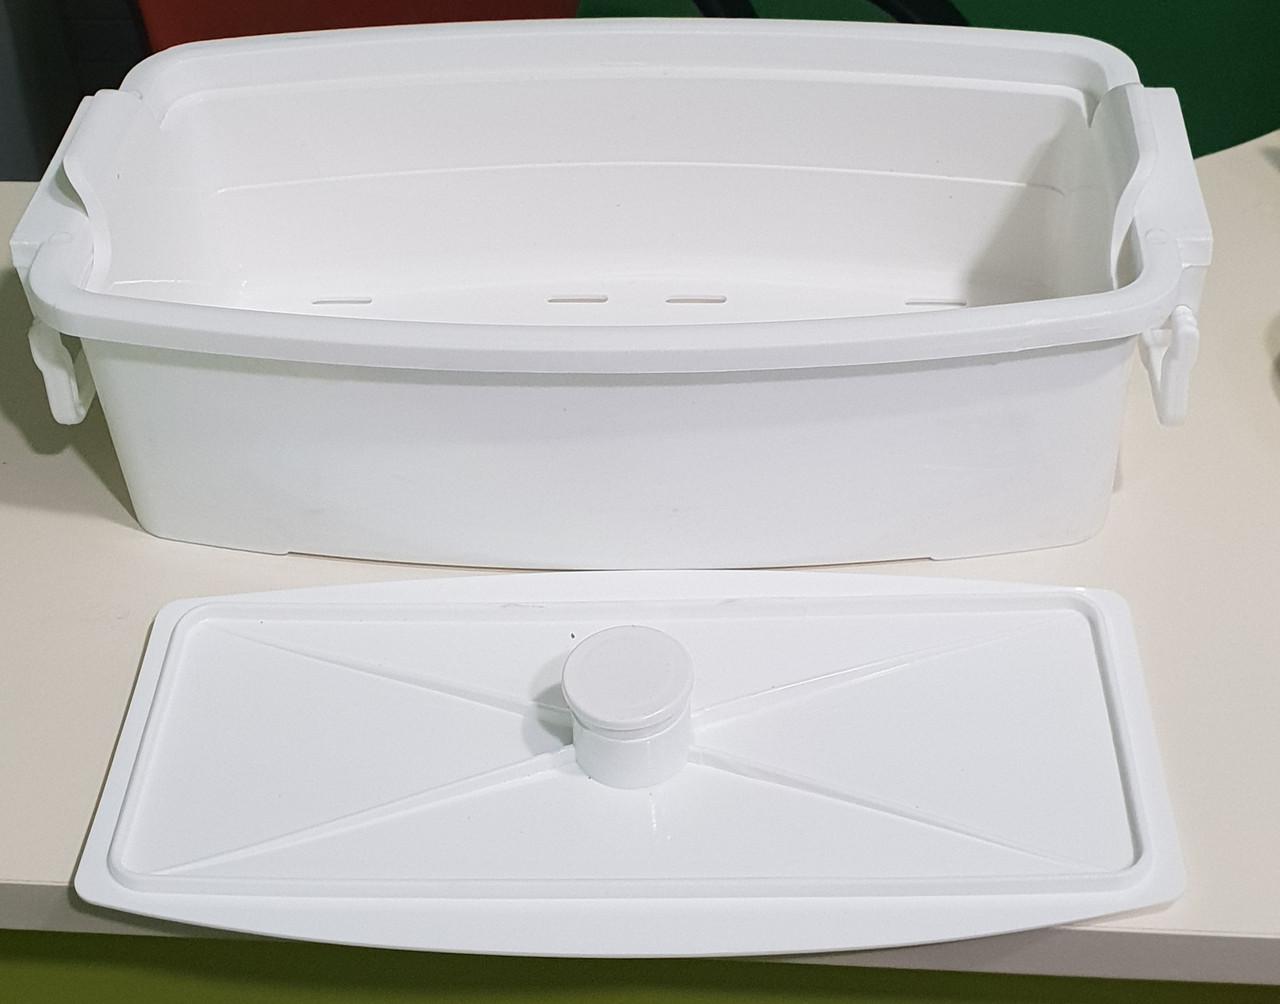 Контейнер для стерилизации большой 30 см × 17 см